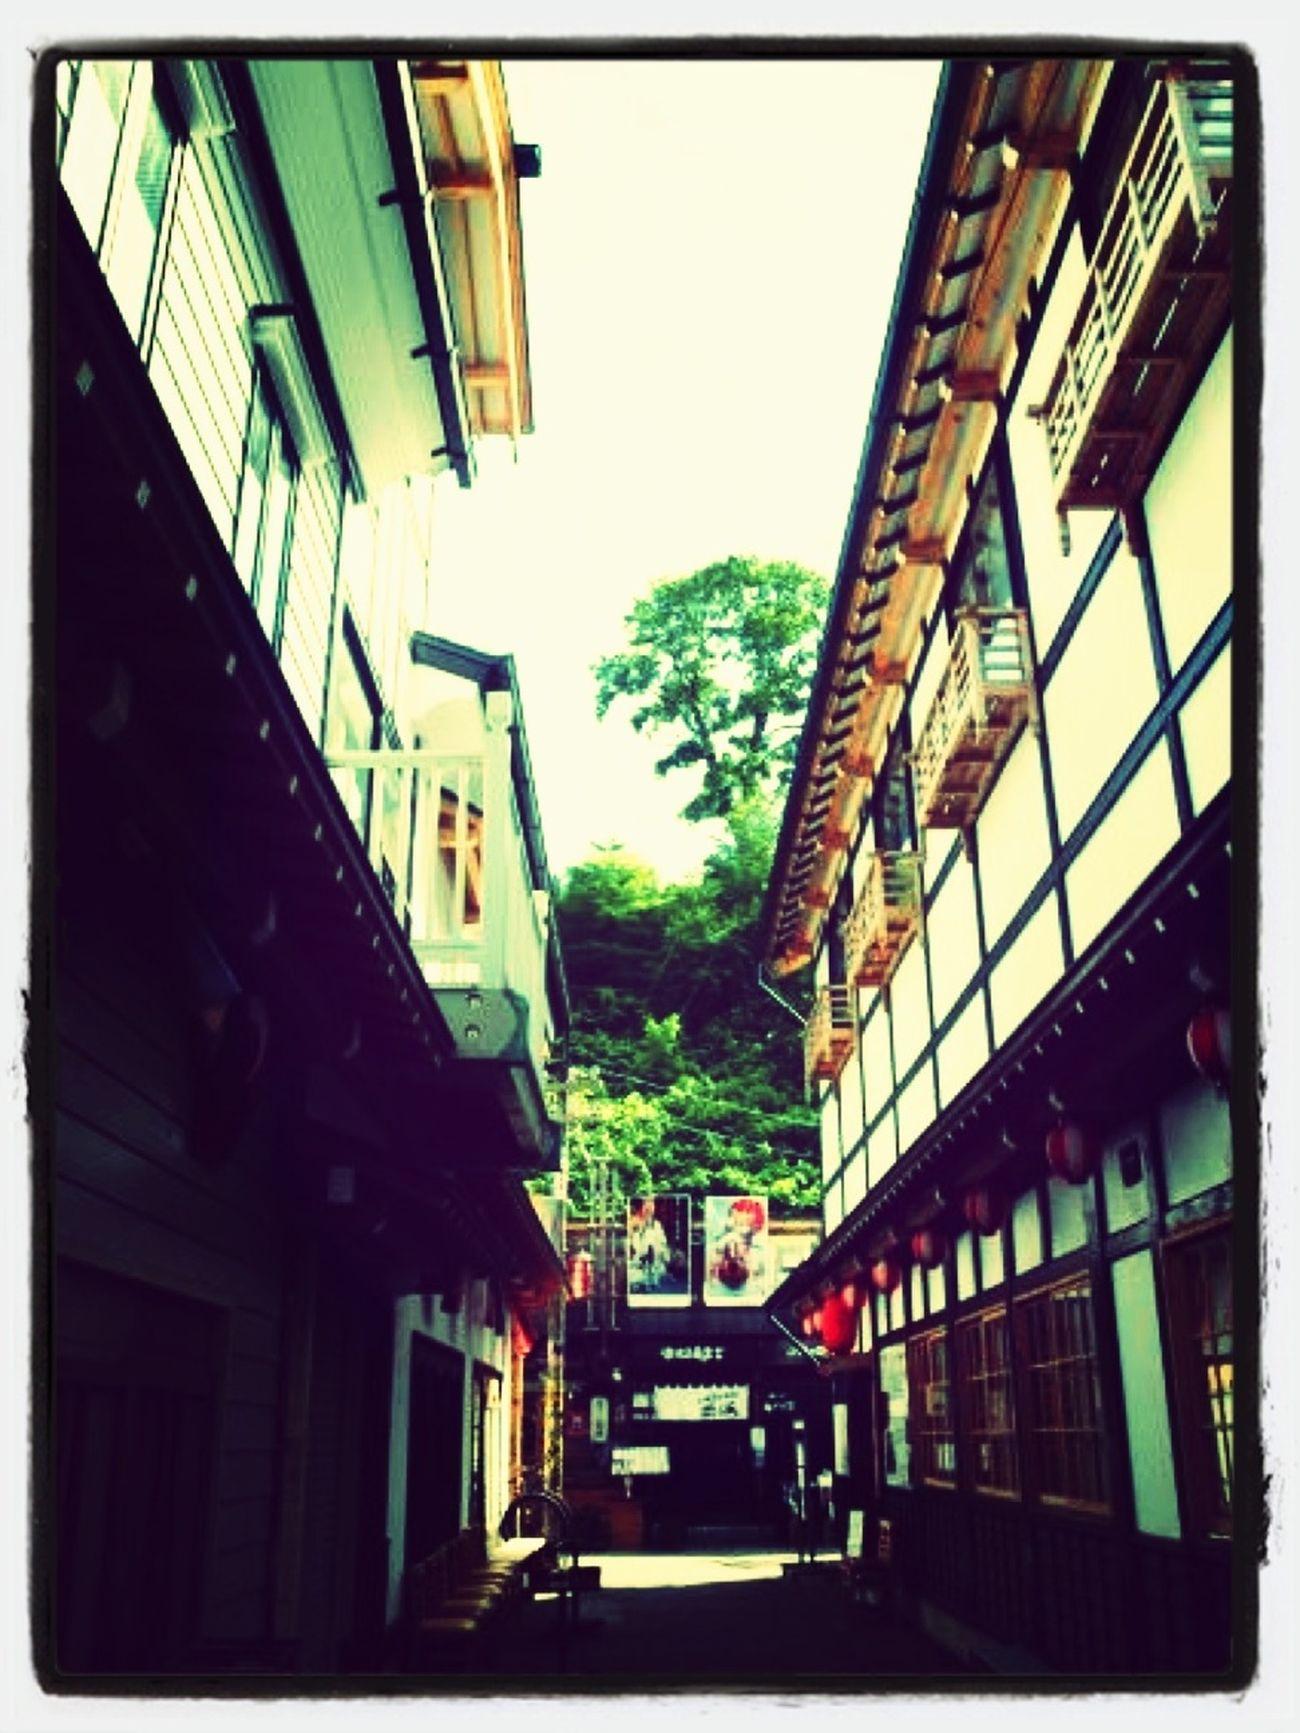 いつか来た街 Taking Photos On The Road Japan